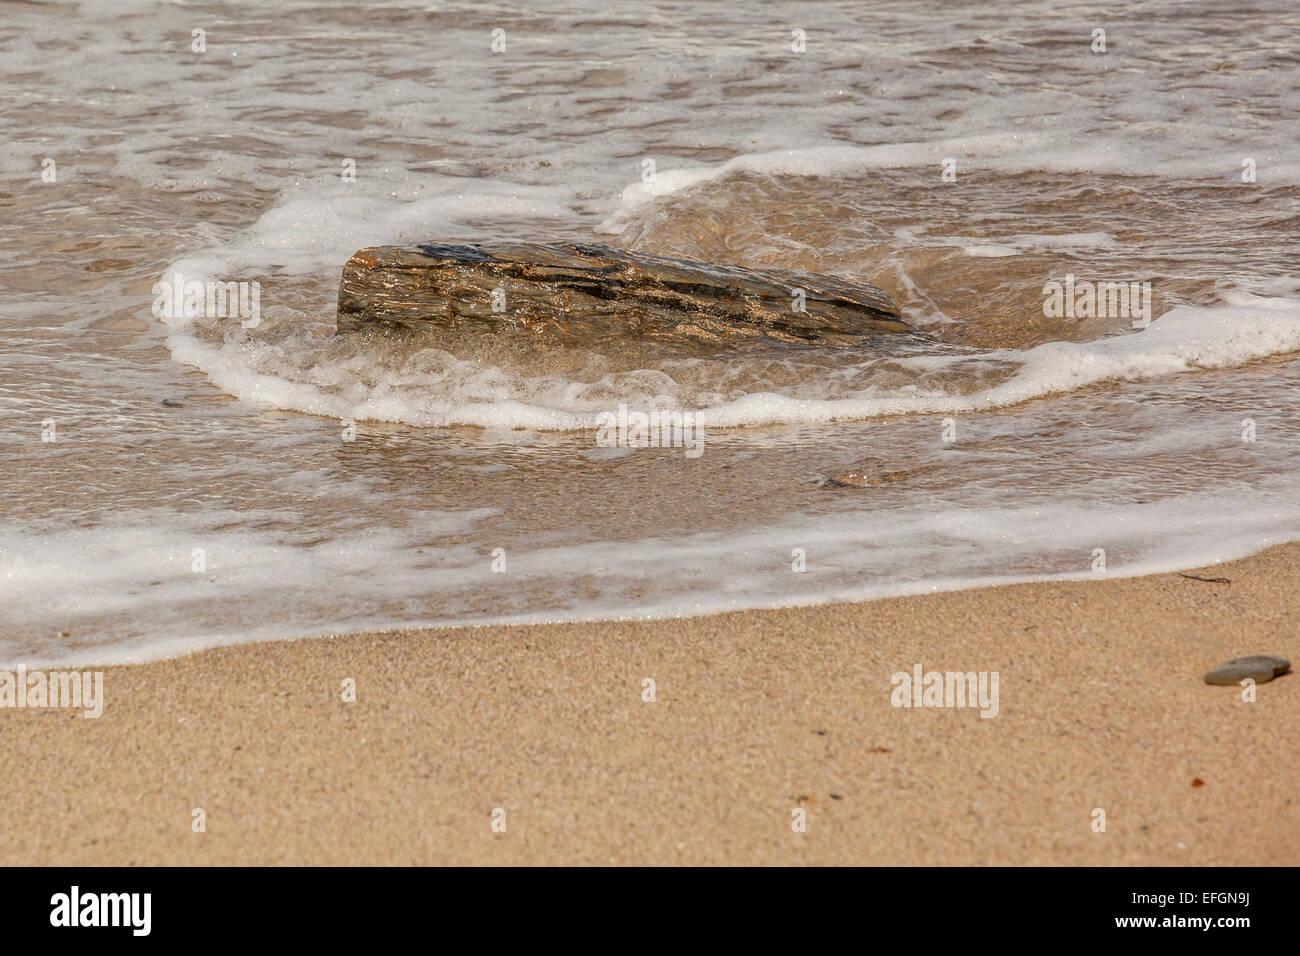 Sea lapping around rock - Stock Image